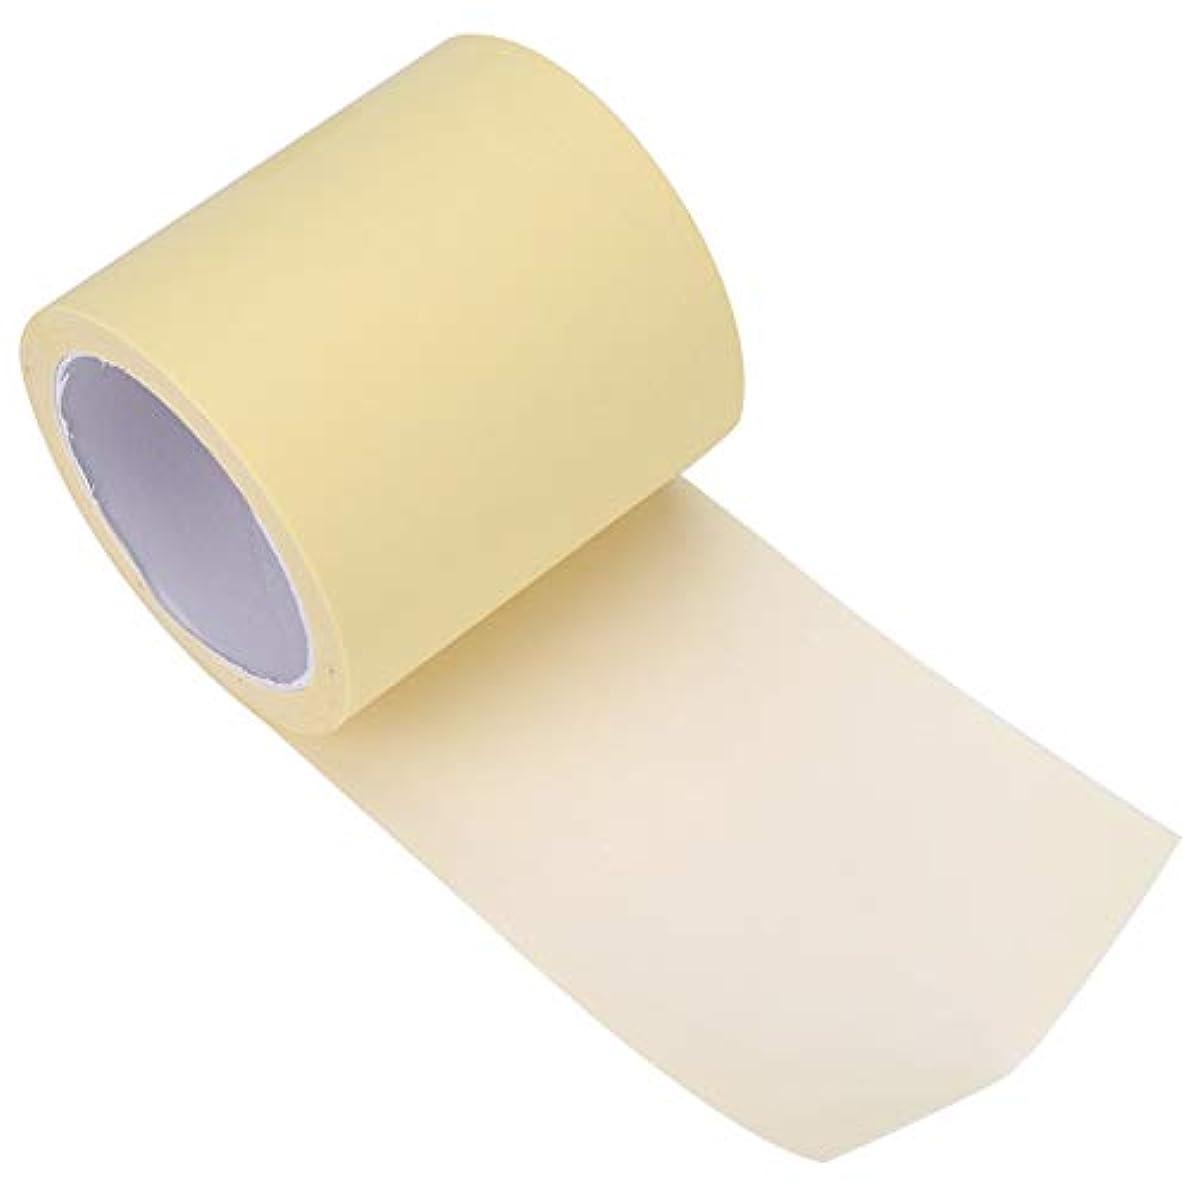 委任する宿る検証極薄0.012 mm 脇パッド 脇の下 汗止めパッド 肌に優しい 抗菌加工 防水性 男女兼用 透明 長さ600 cm